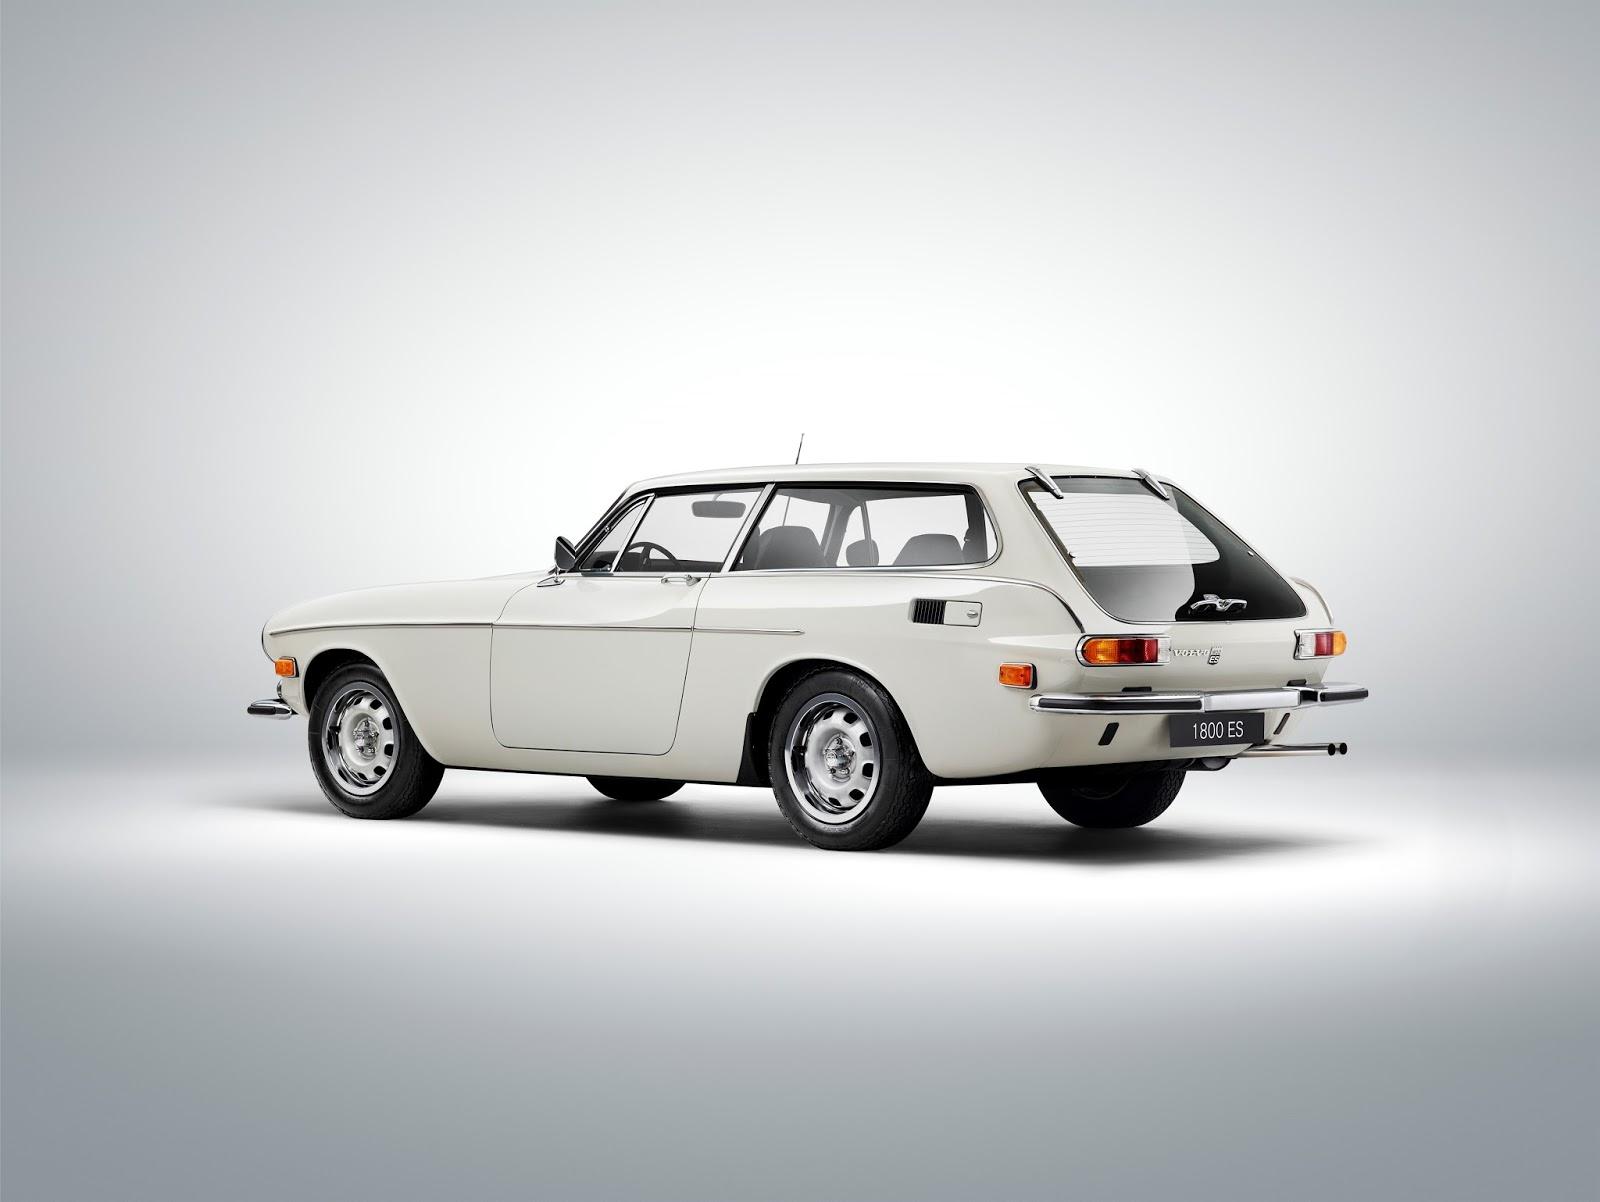 173626 Volvo 1800 ES Το V90 είναι το πιο όμορφο, το πιο ασφαλές station wagon και το πιο... Volvo Station Wagon, Volvo, Volvo V90